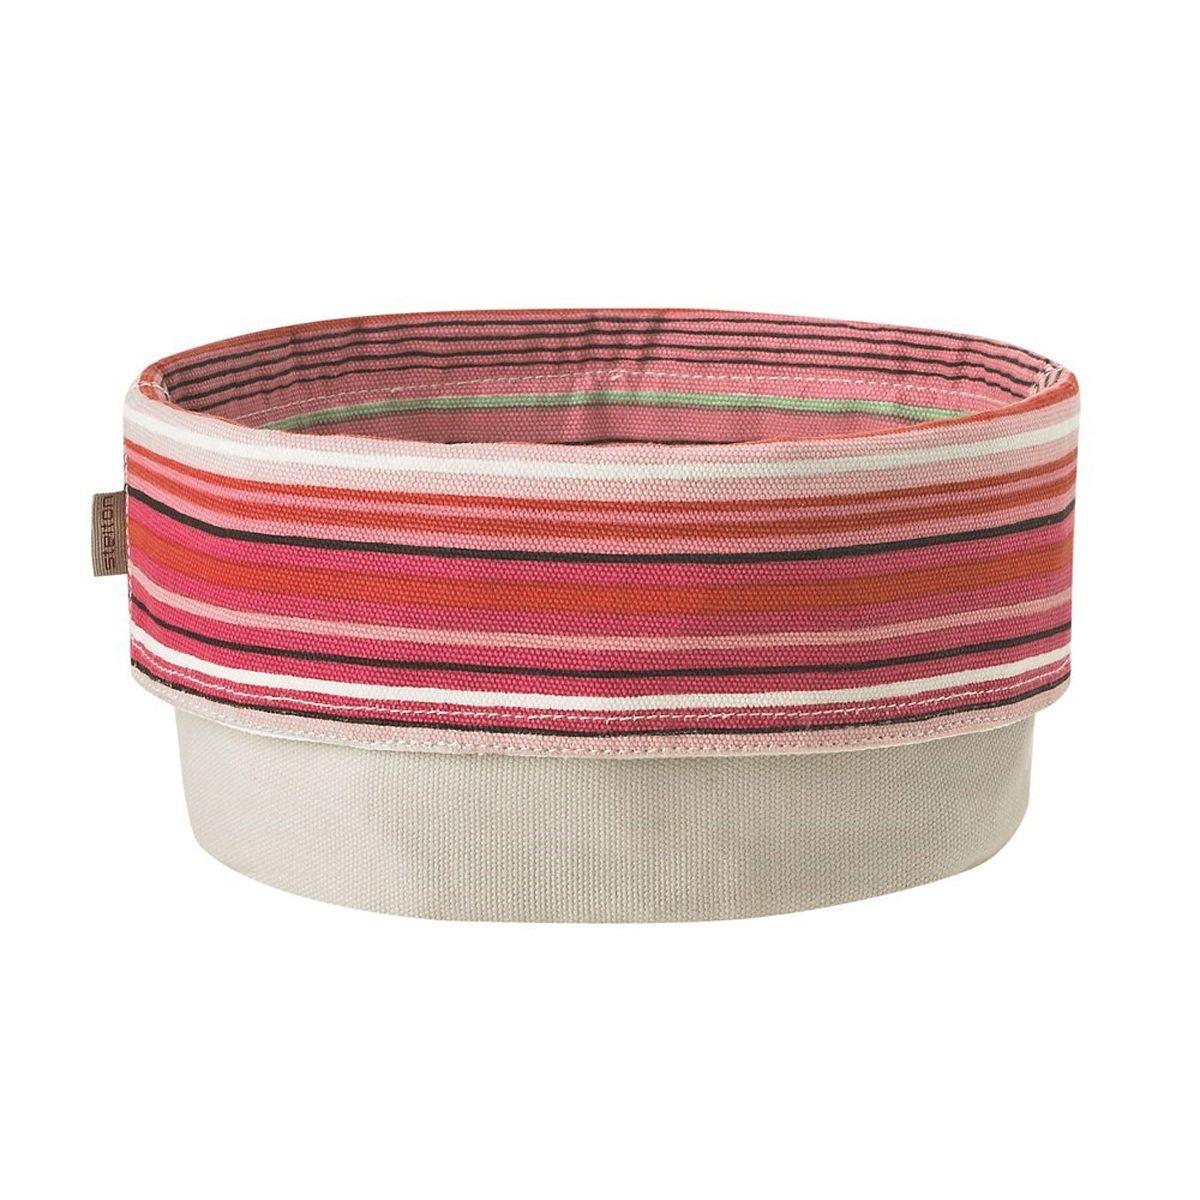 Stelton Stelton Brottasche 23 cm, gestreift pink, weiss